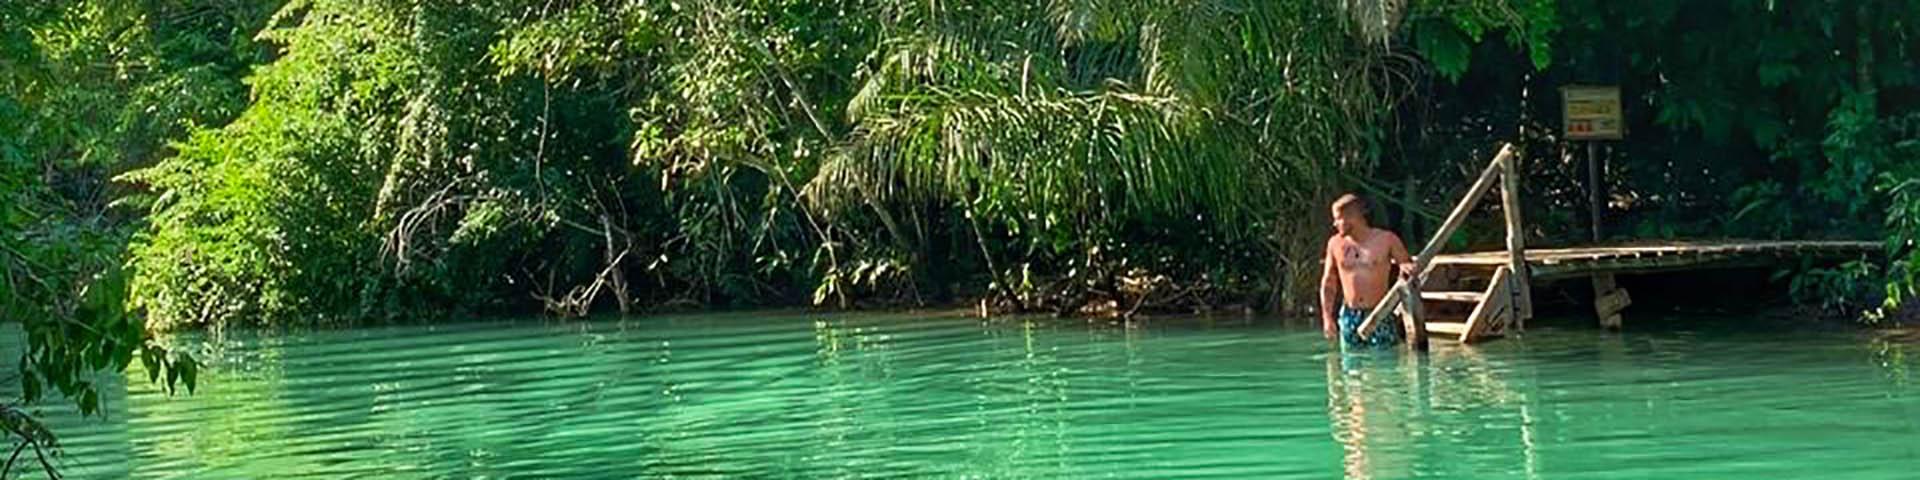 Bosque-das-Aguas-Balneario-Bonitour-Passeios-em-Bonito-4289787_70385.jpg